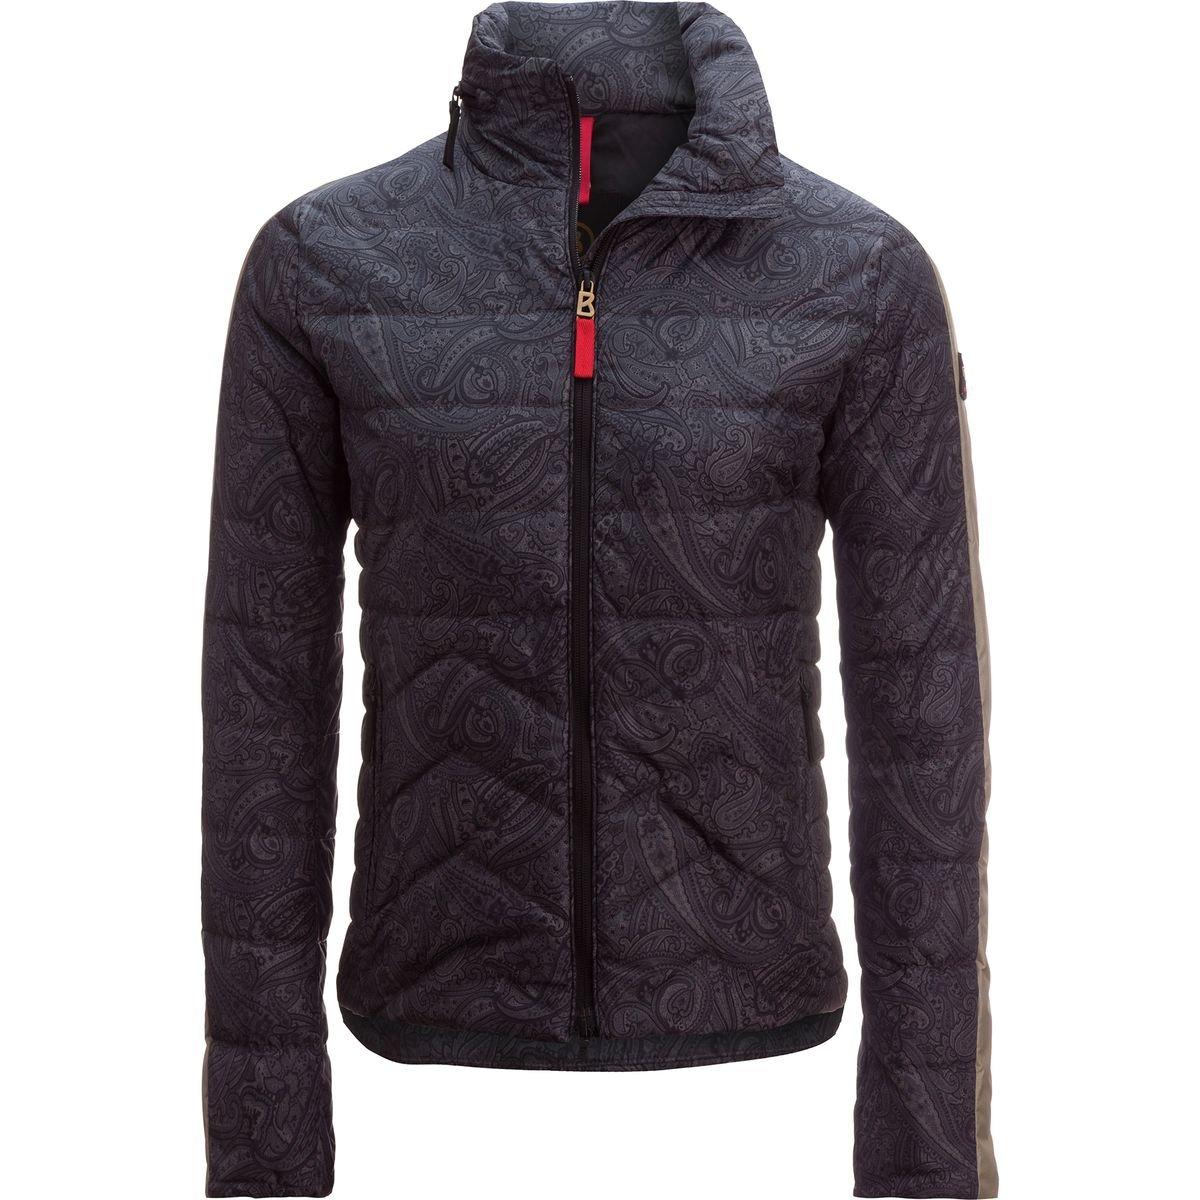 超安い品質 Bogner – – Fire + Ice Danea印刷Jacket – Danea印刷Jacket Women + 's B06XC6KKL8 10 ブラック/グレー ブラック/グレー 10, イボガワチョウ:6f8052ee --- arianechie.dominiotemporario.com